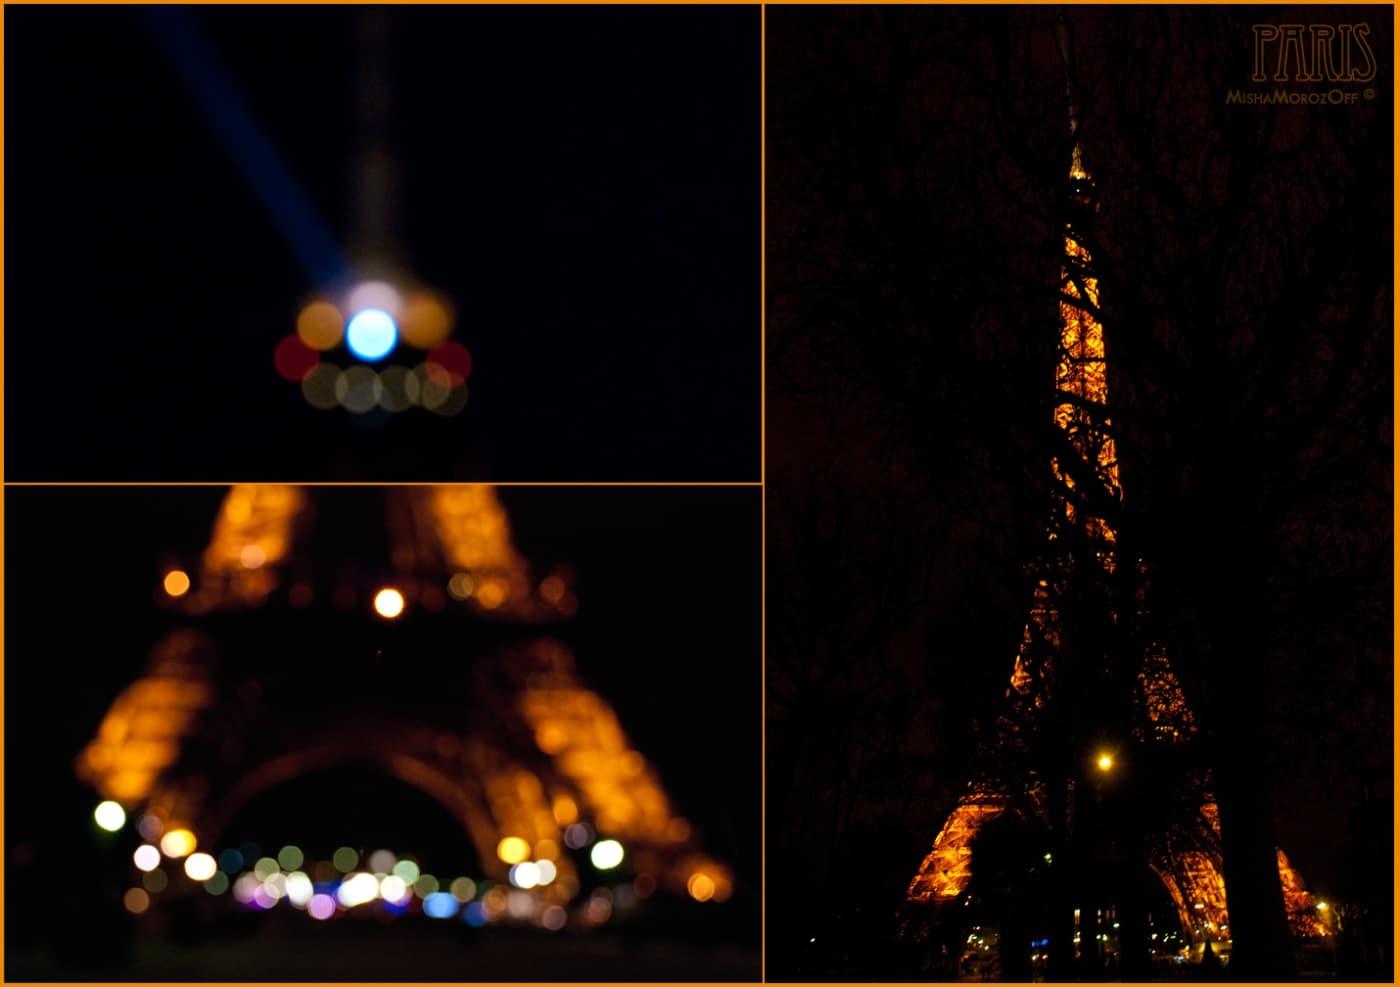 Paris France · Париж Франция